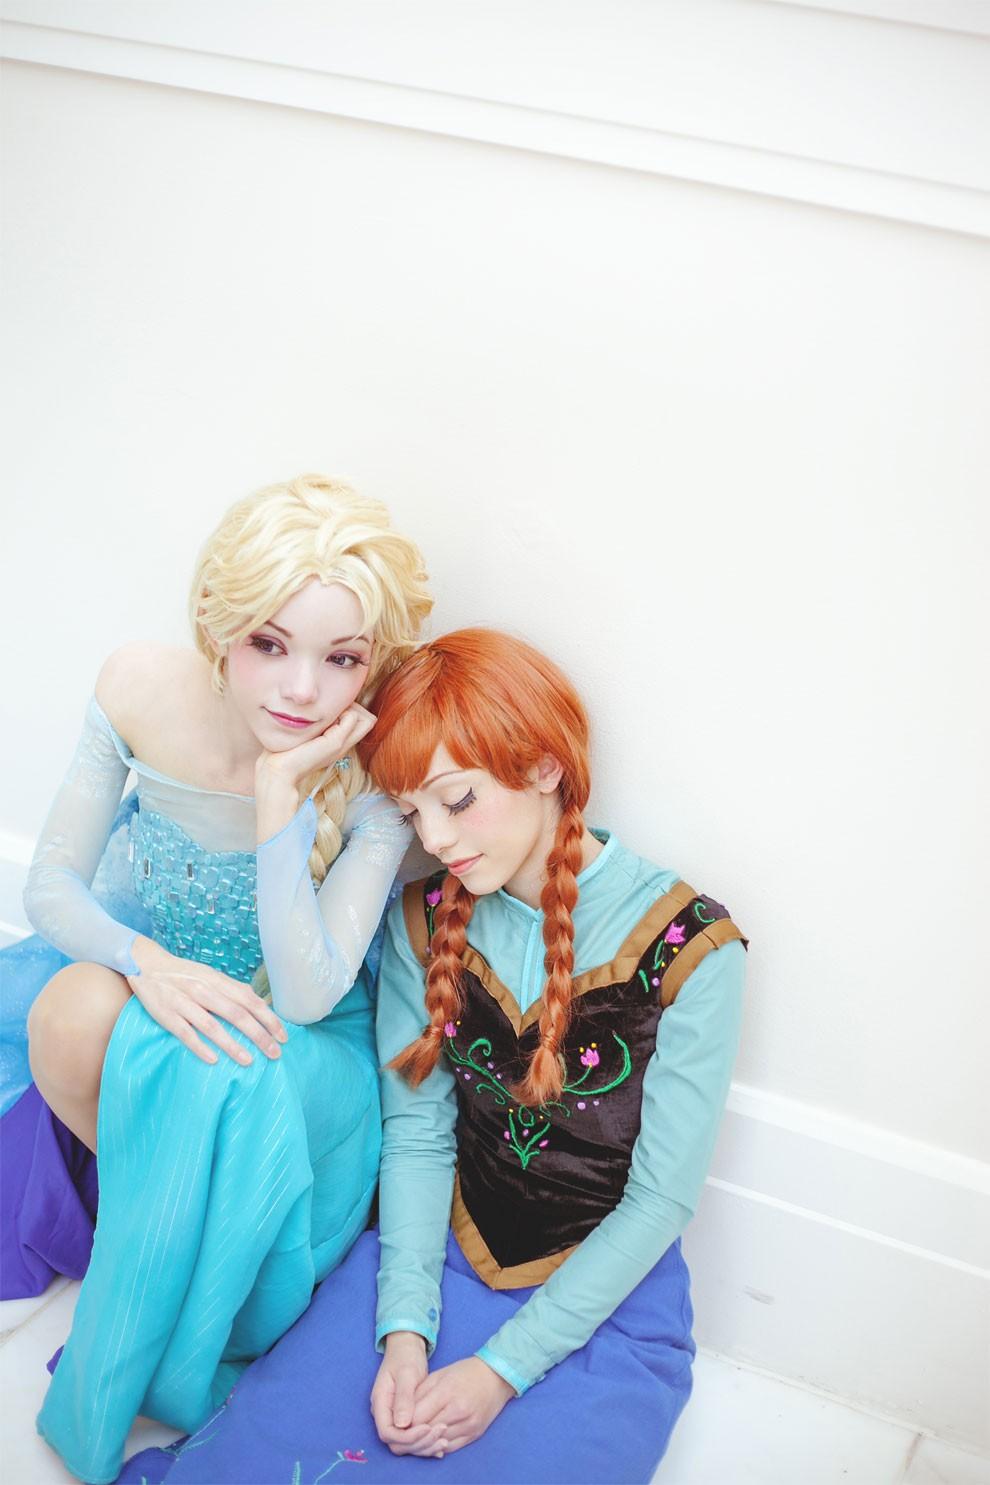 frozen-elsa-anna-costumi-reali-cindy-karen-romero-29